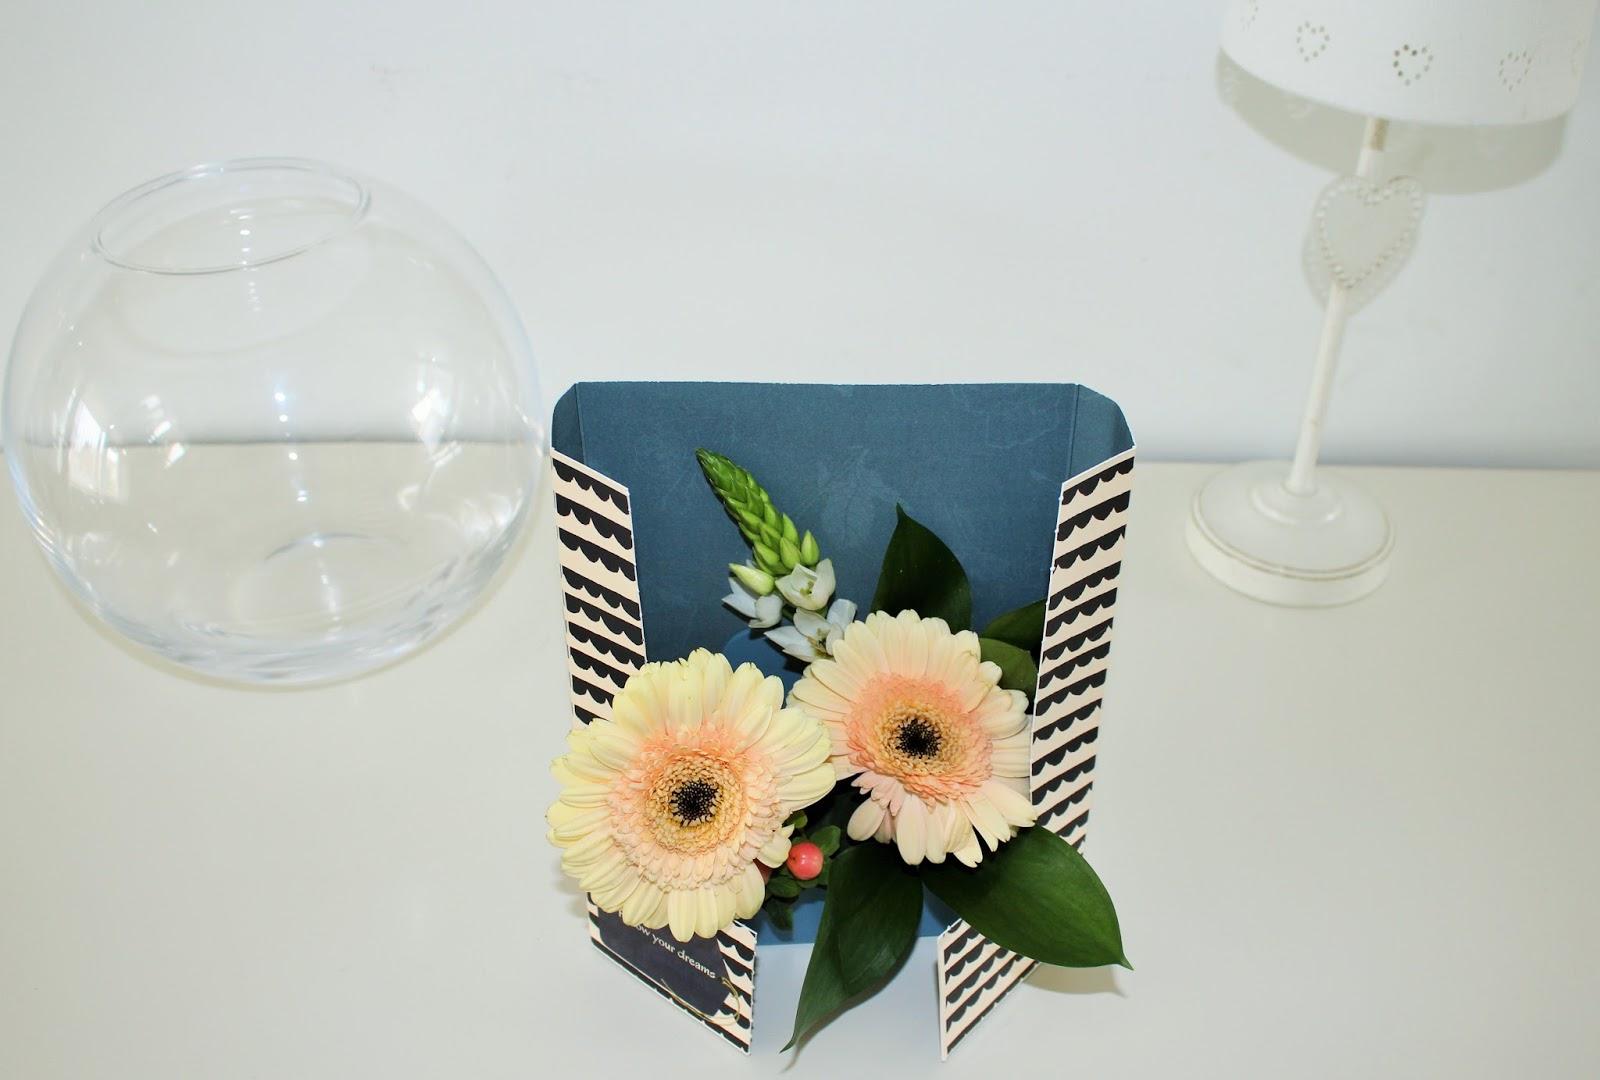 Flowercard 4